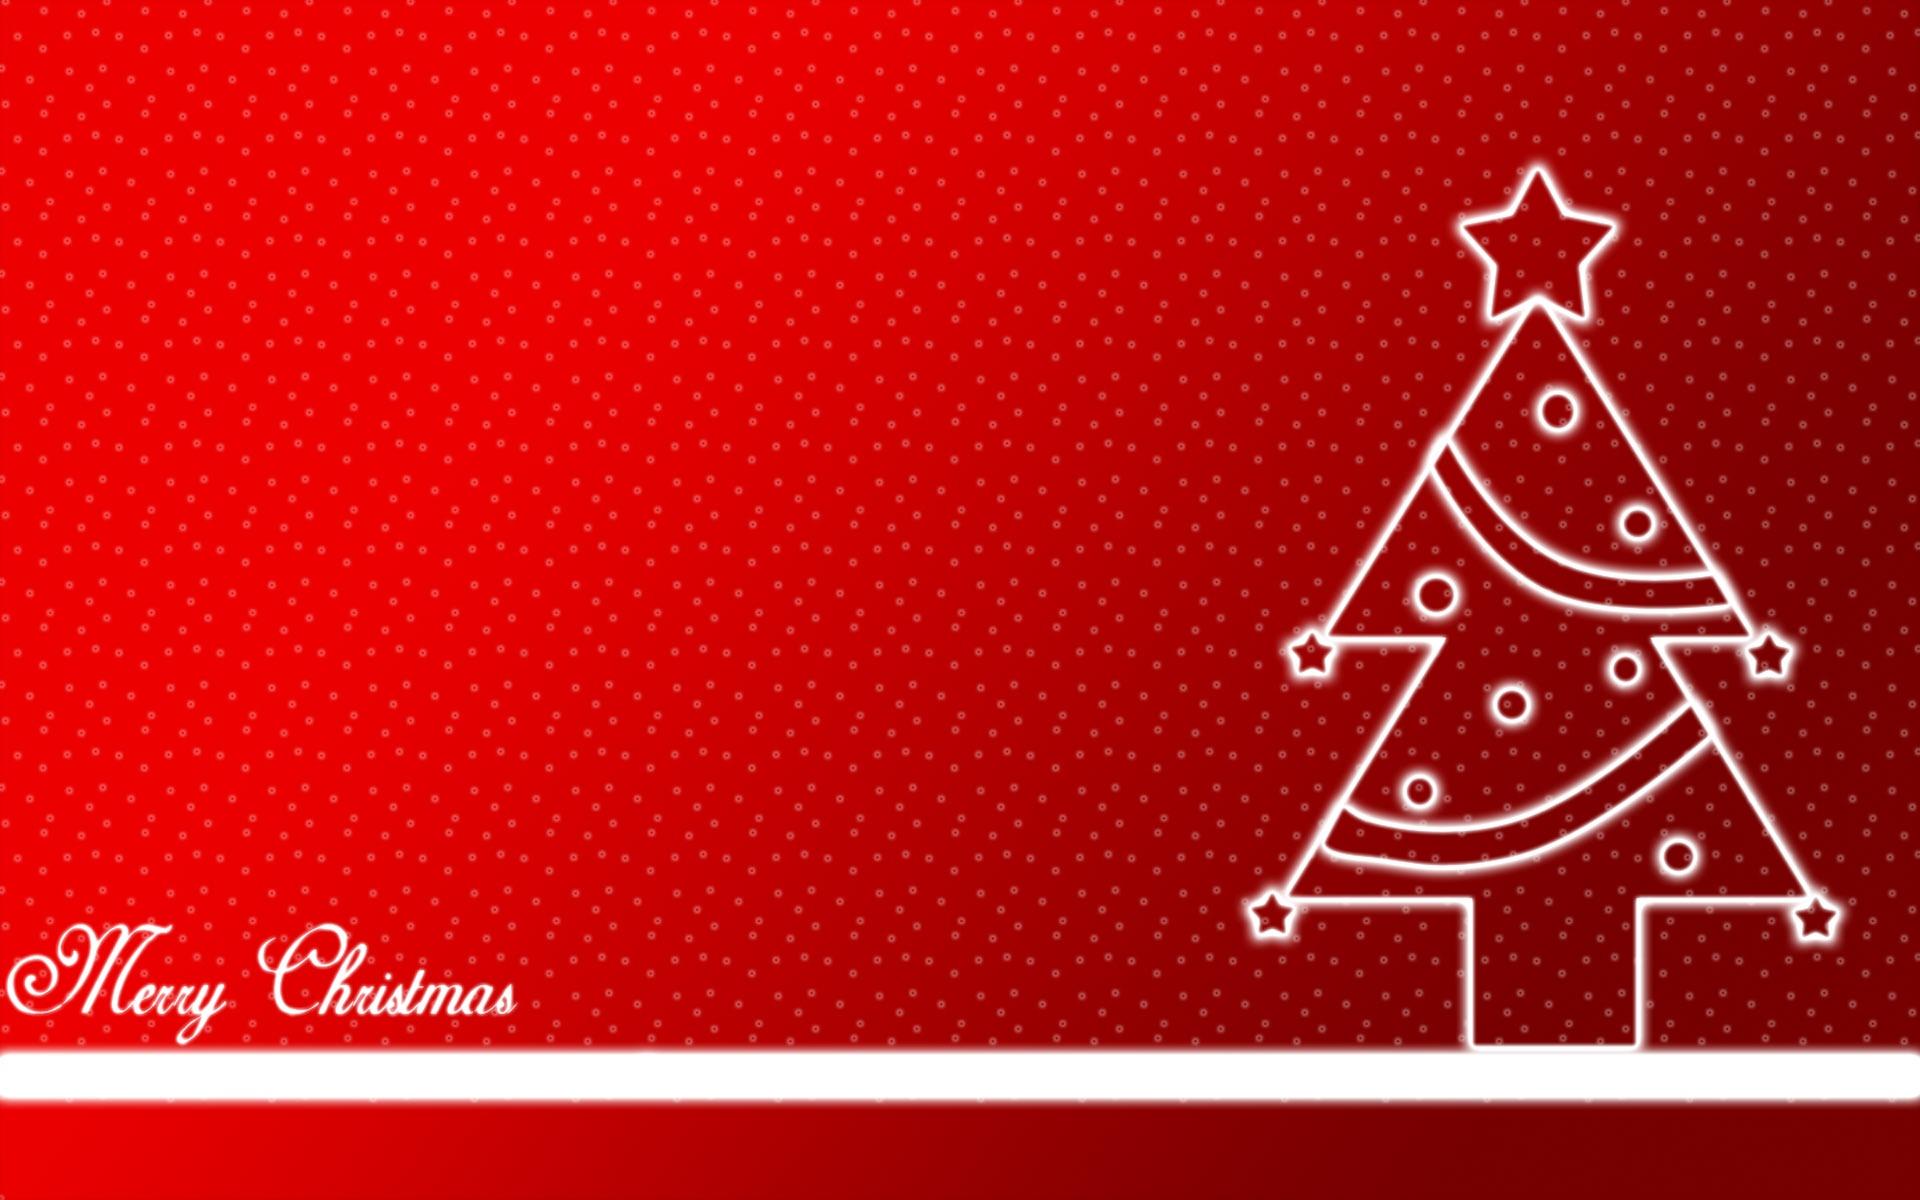 Frasi Di Auguri Per Il Natale.Frasi Auguri Natale Per Clienti Frismarketingadvies